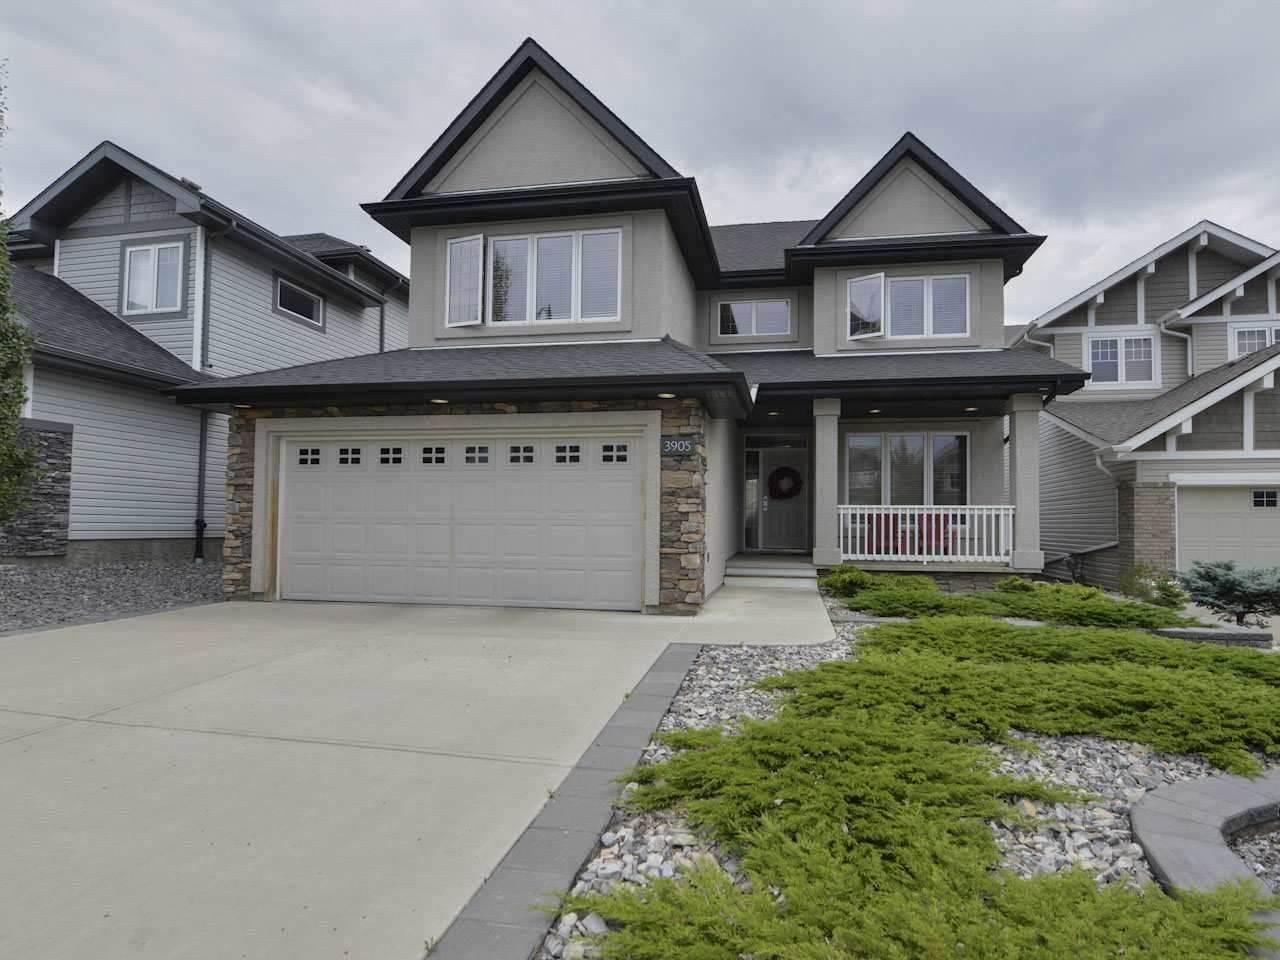 3905 MacNeil Bay NW, Edmonton, AB T6R 0H5